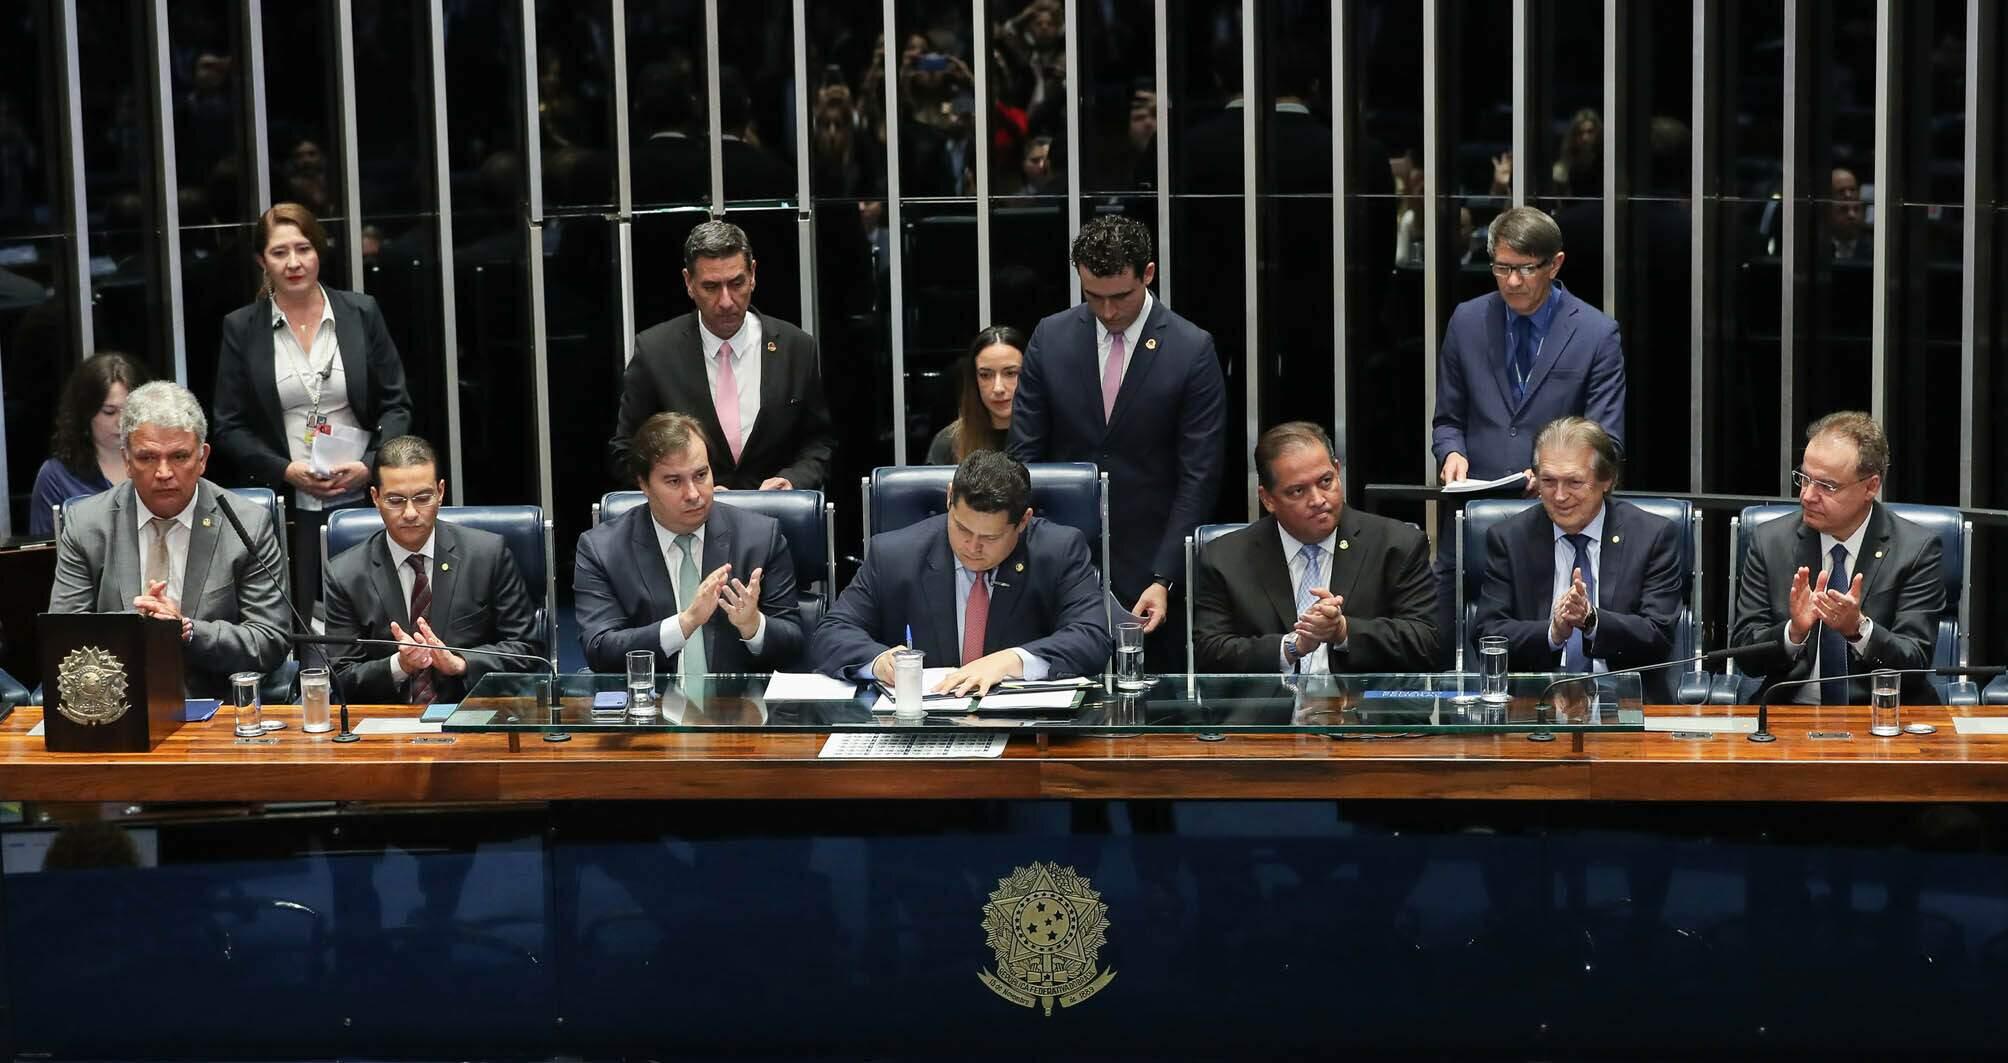 Na imagem, parlamentares ao redor da mesa do Congresso Nacional. conteúdo sobre reforma da previdência nos estados e municípios.